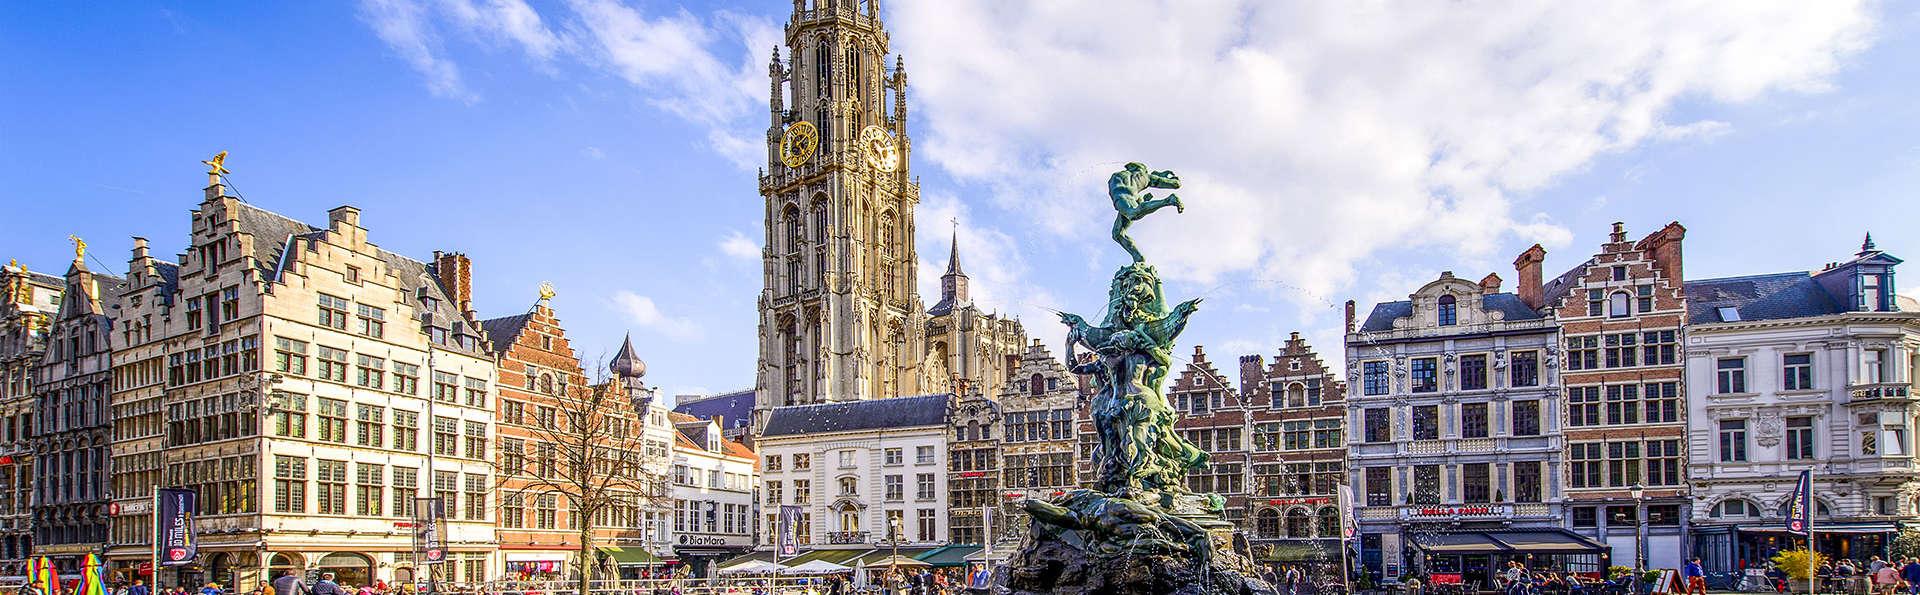 Offre spéciale: week-end découverte à Anvers